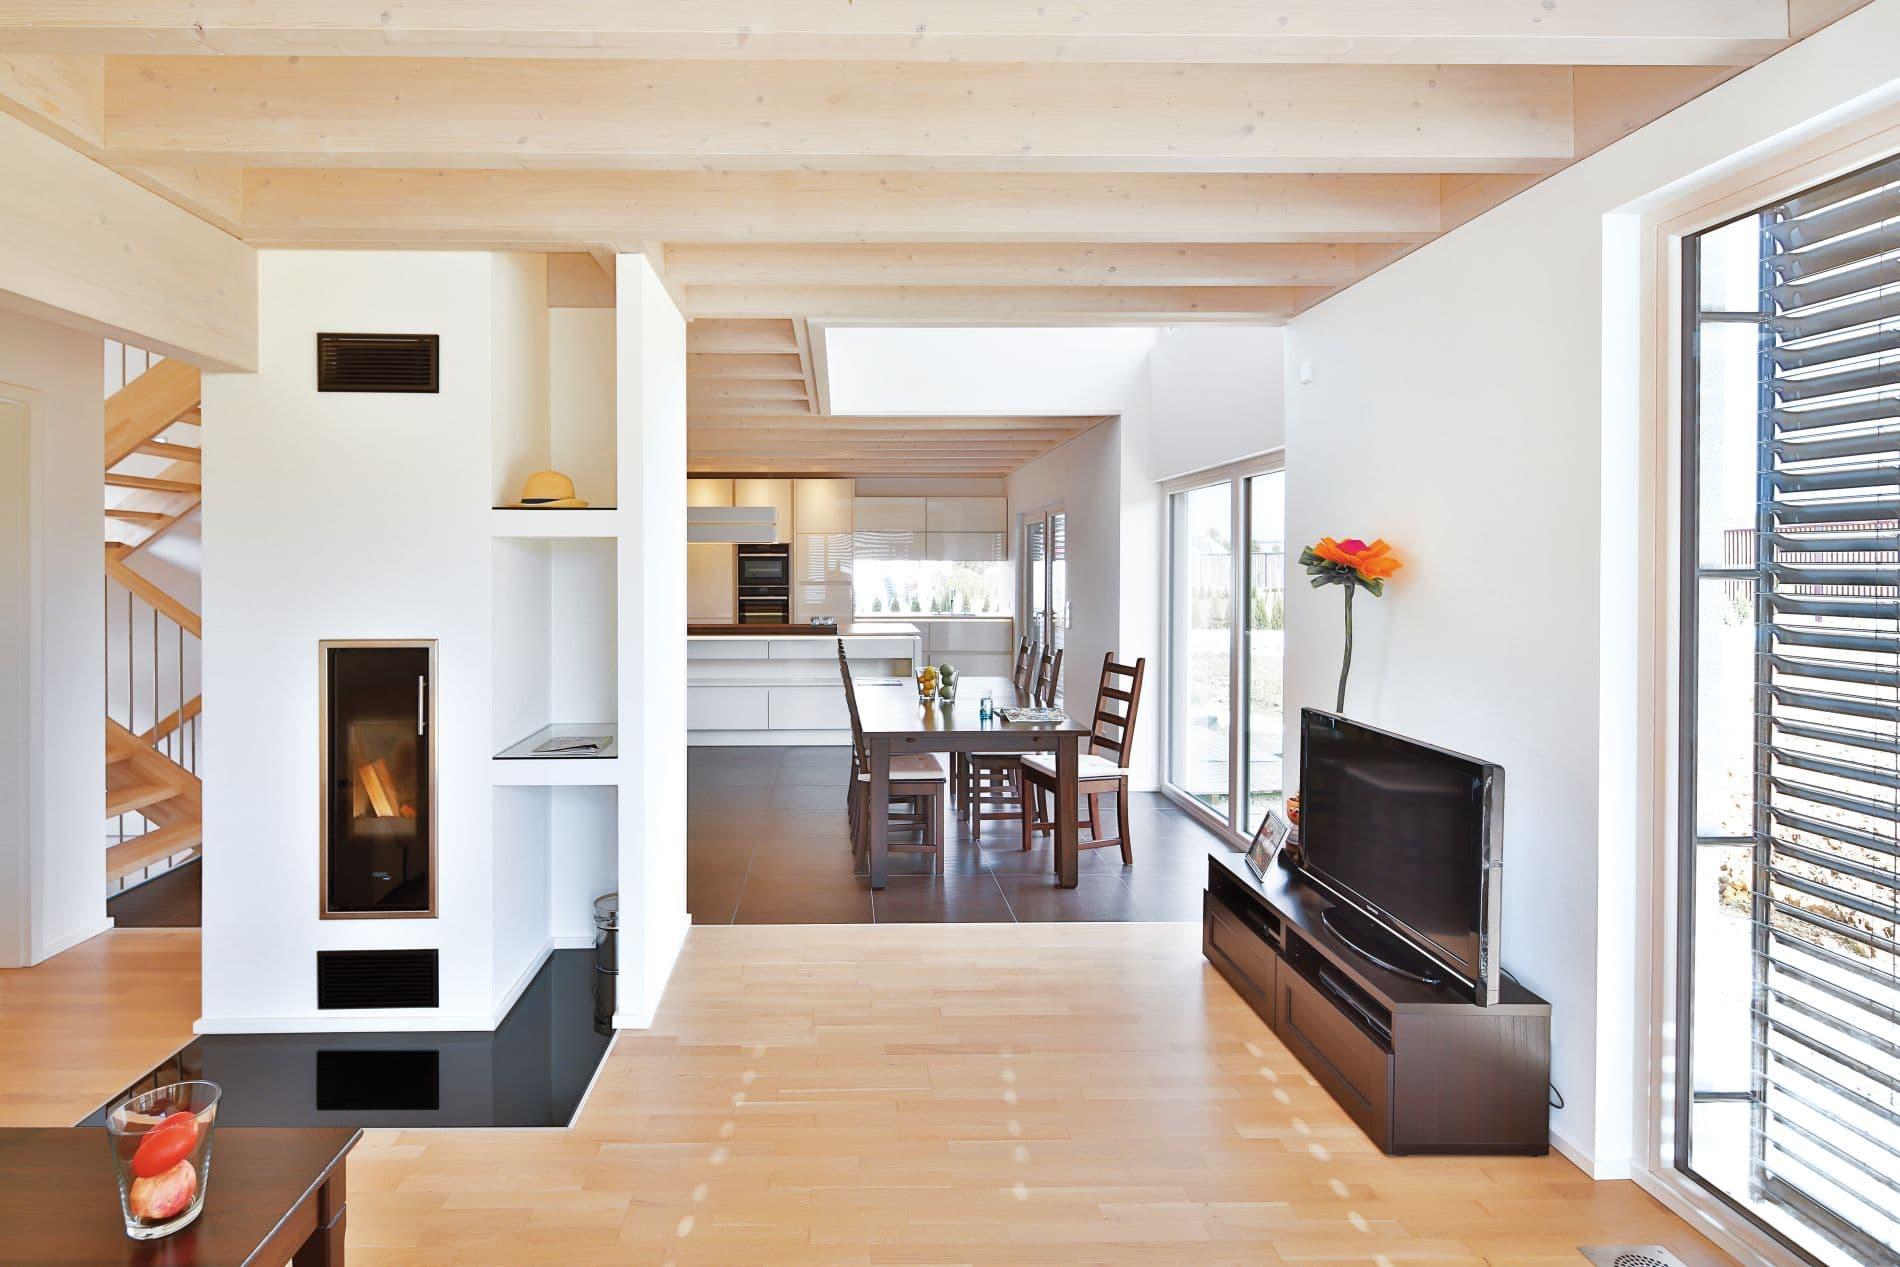 Das Erdgeschoss: Ein großer Wohnraum mit Küche und dem bis unters Dach offenen Essbereich.